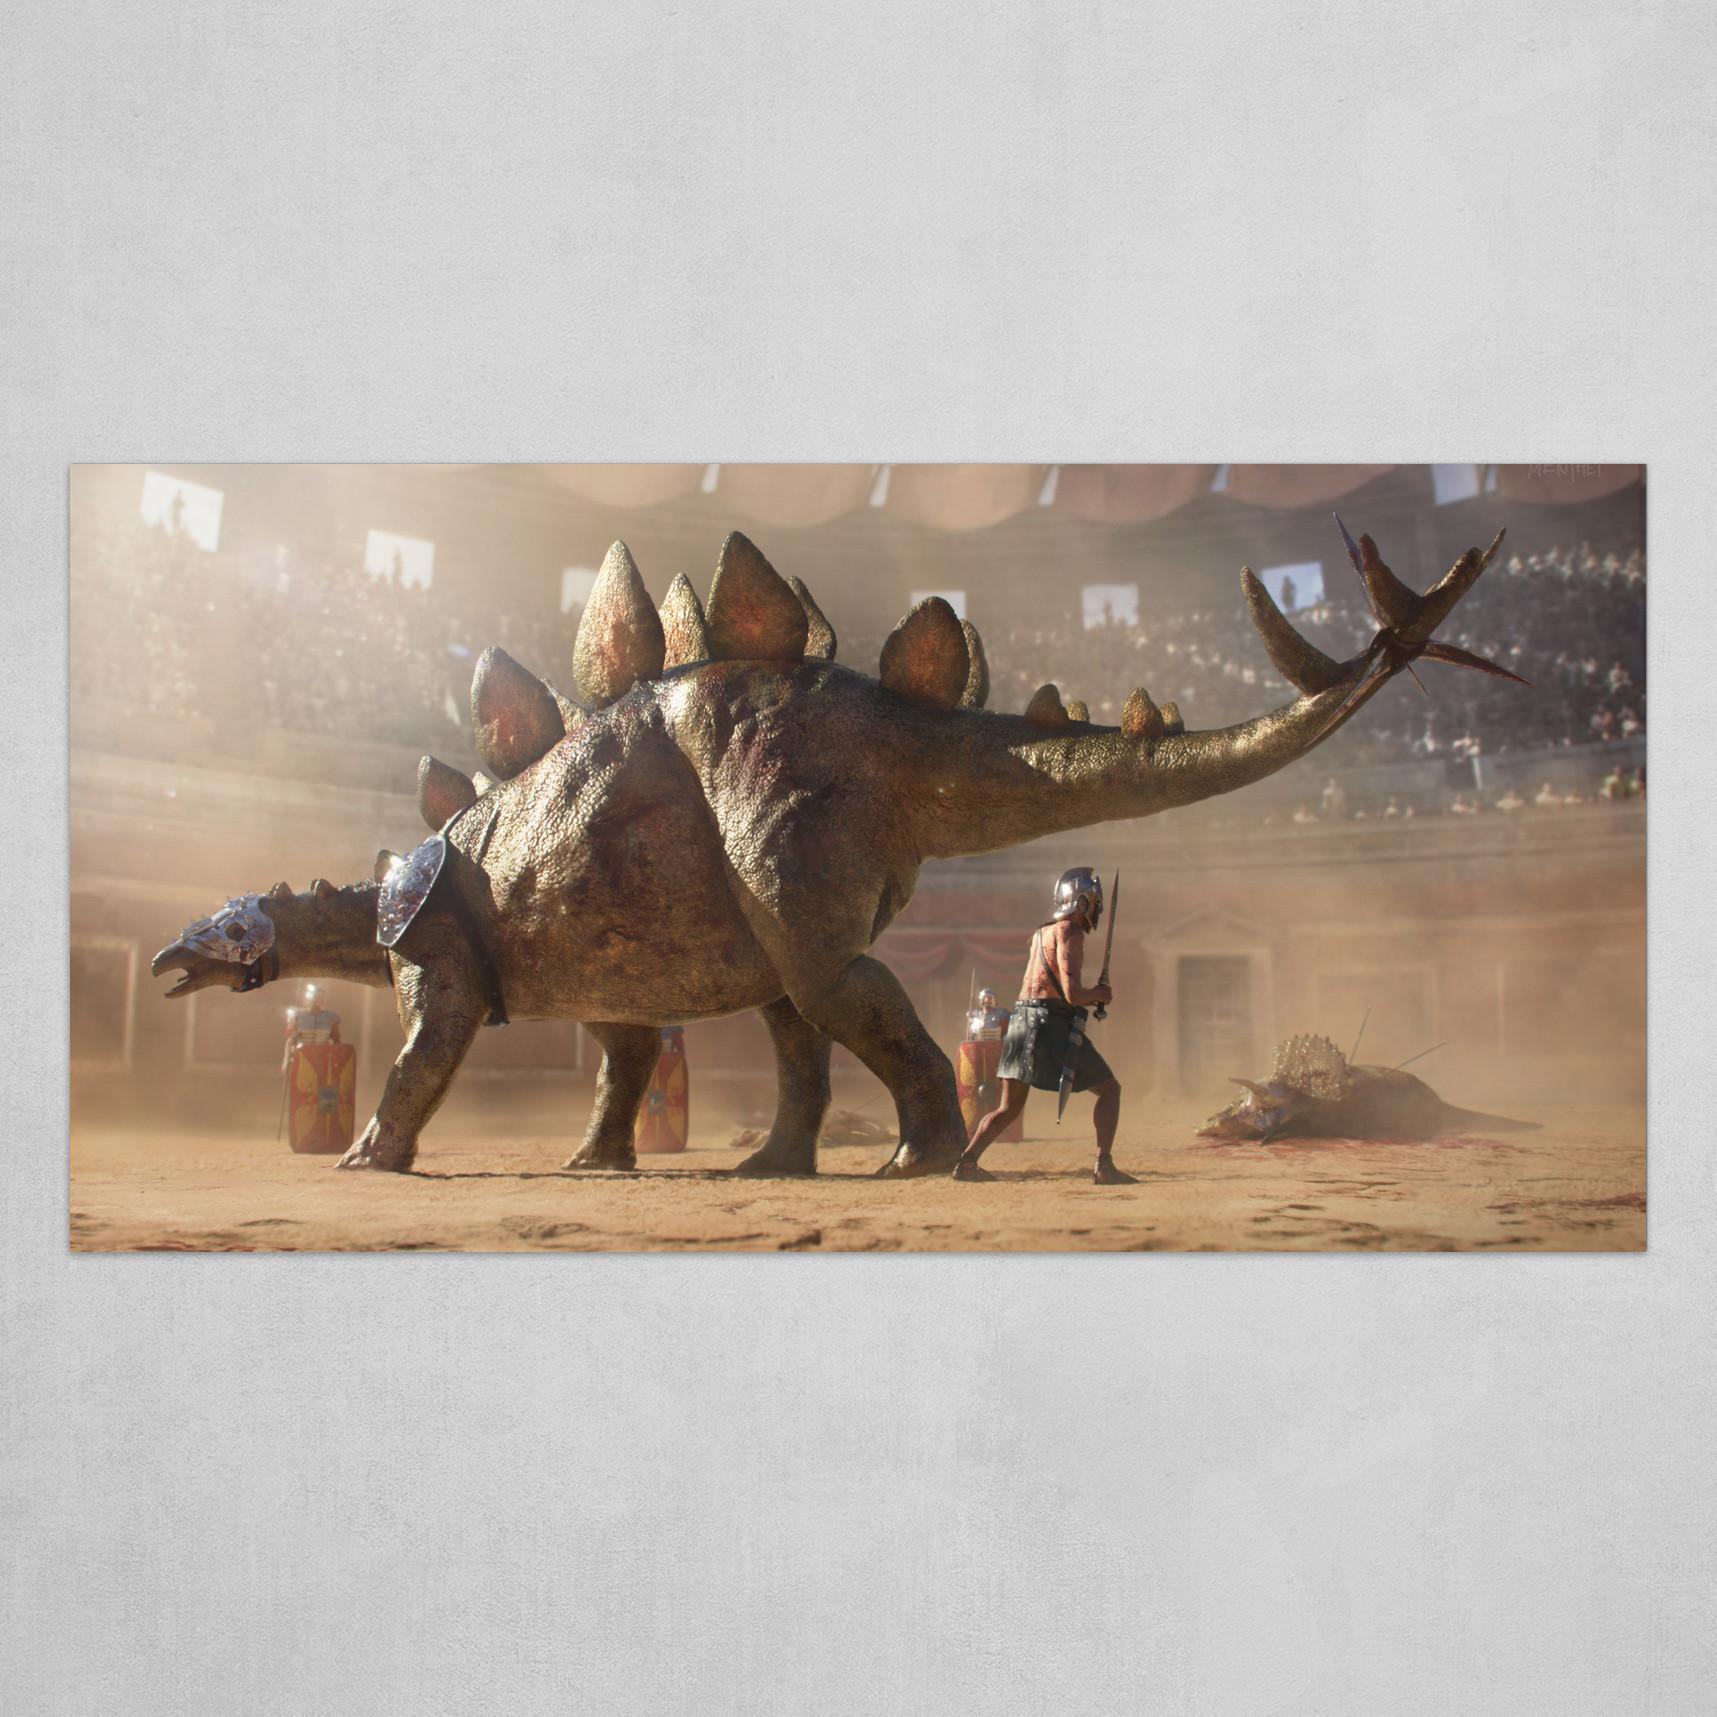 Venatio - Arena Fight